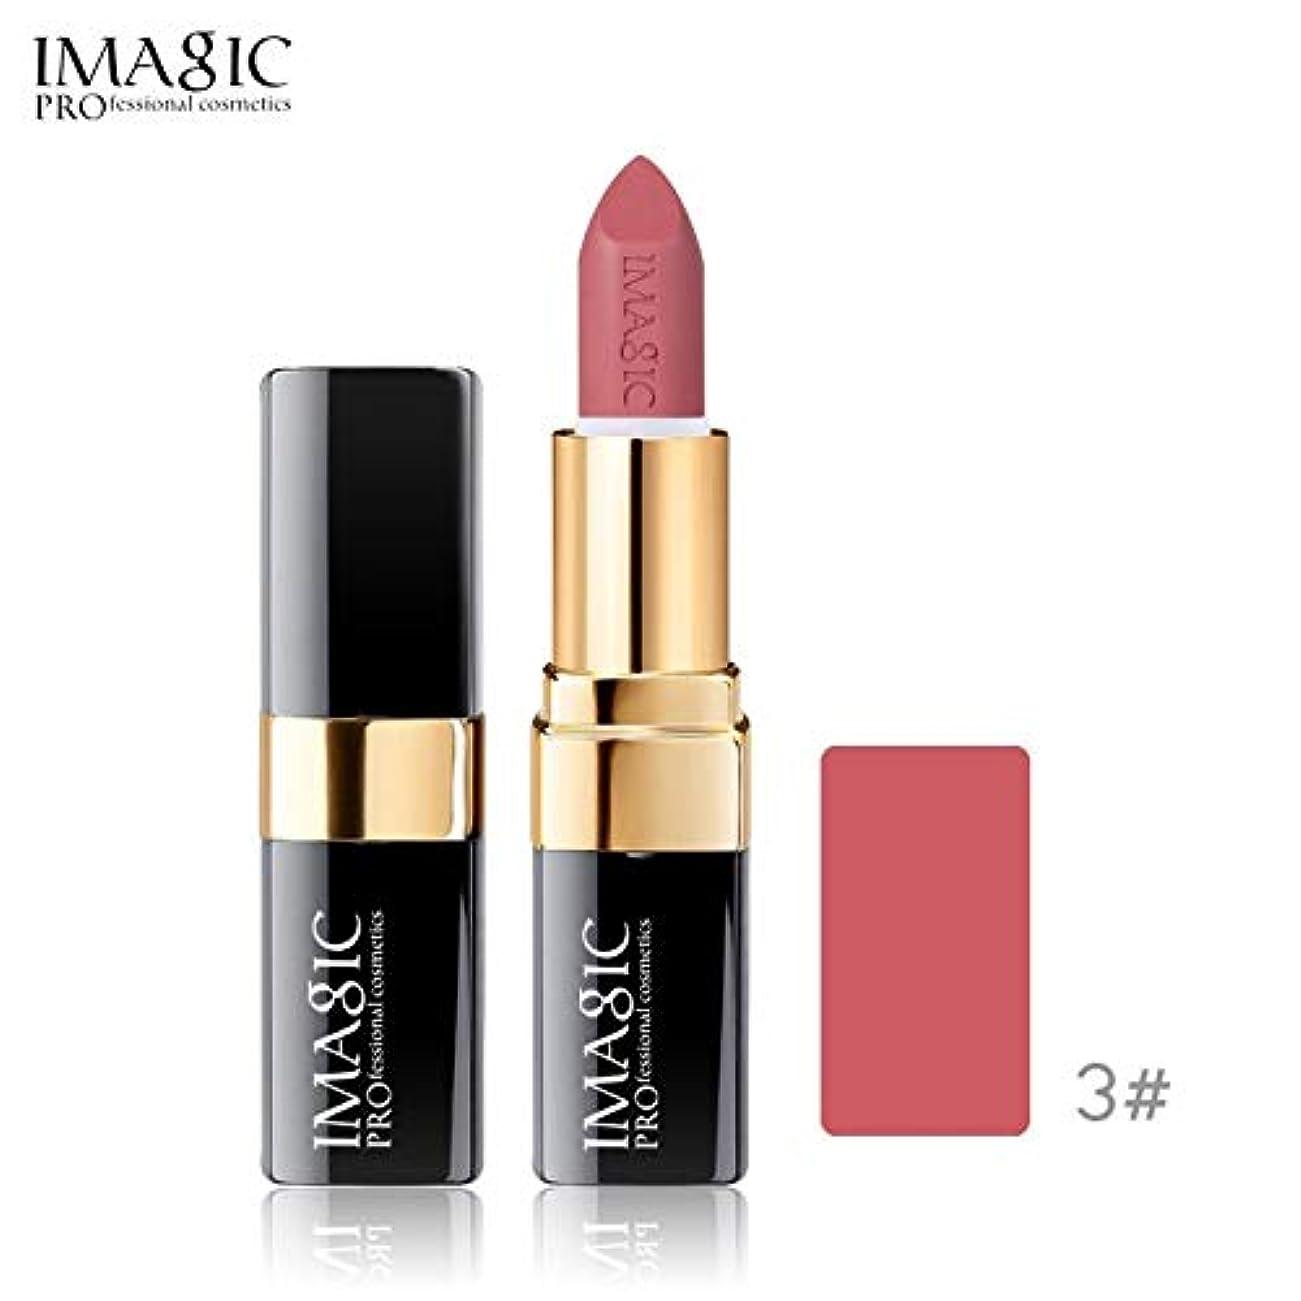 眉奪うコンサルタントNOTEイマジック12色口紅モイスチャライザー唇滑らかに染めないでリップスティック長持ち化粧品美容メイクアップ化粧品